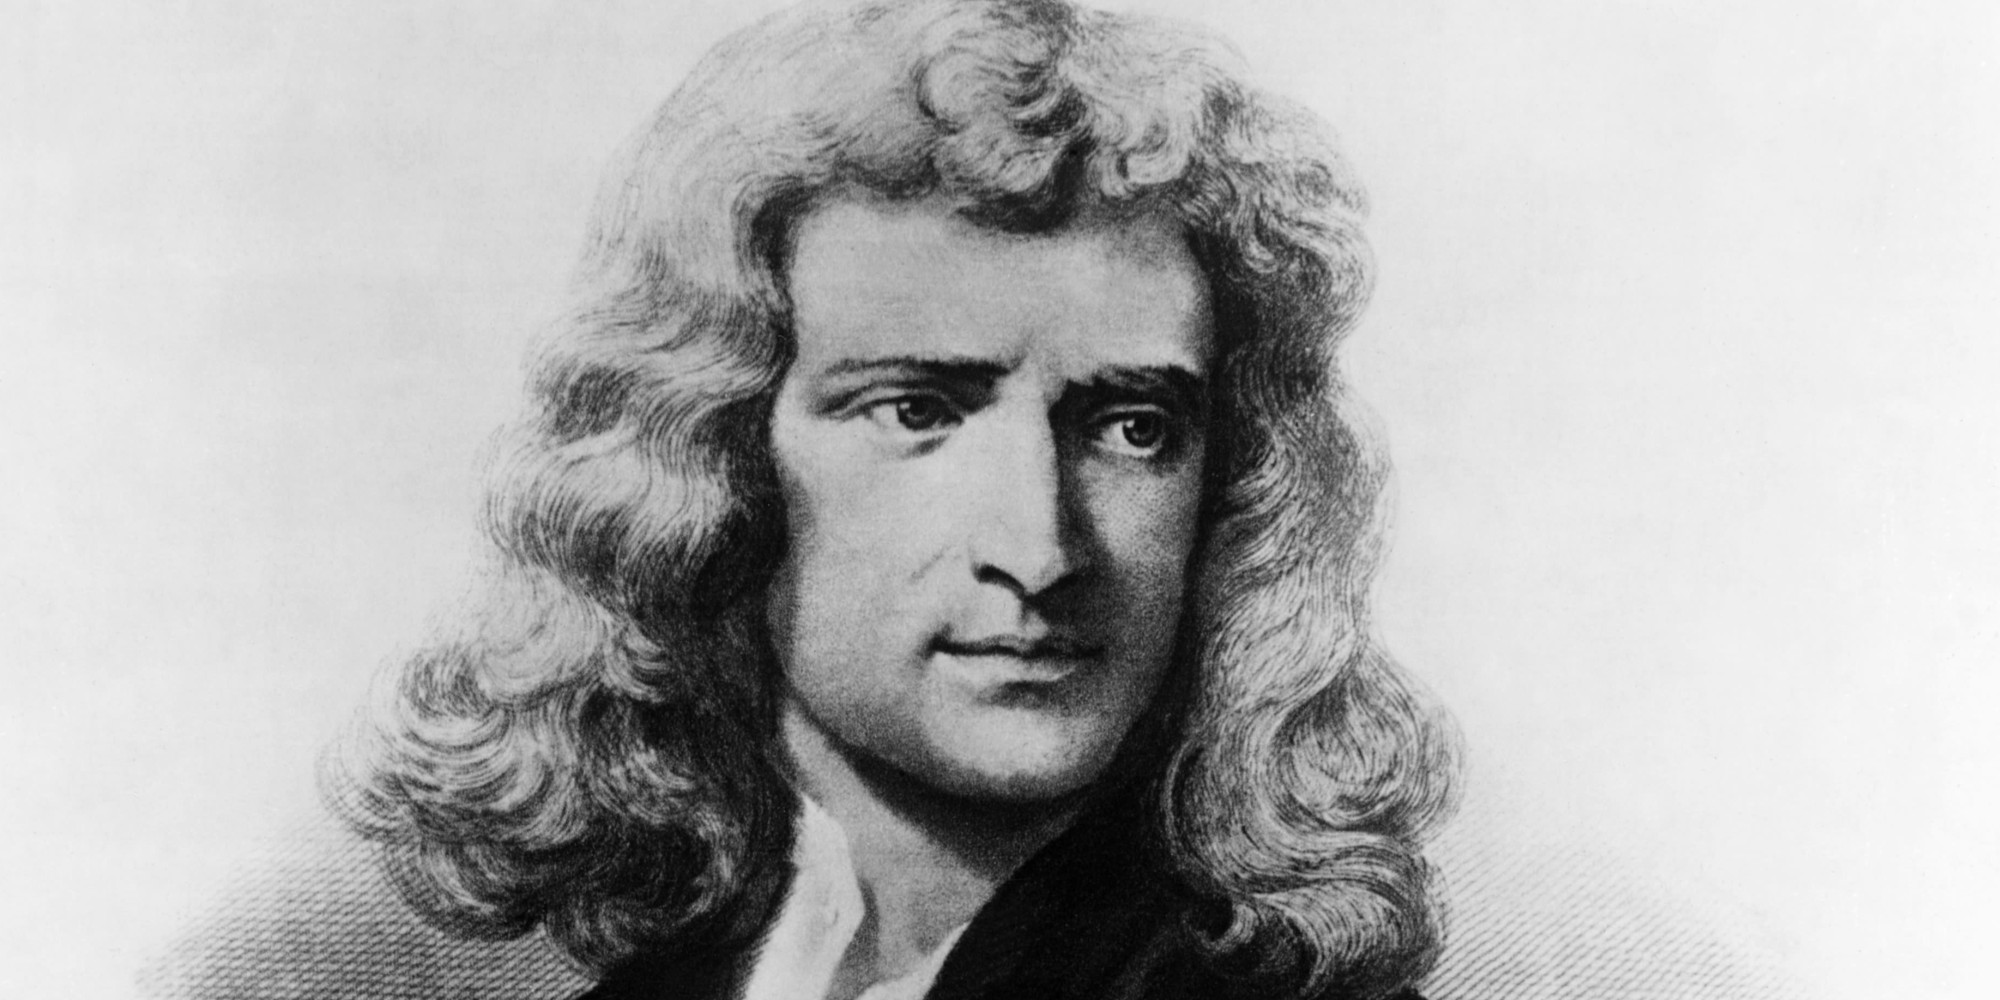 ИСААК НЬЮТОН, величайший физик и математик